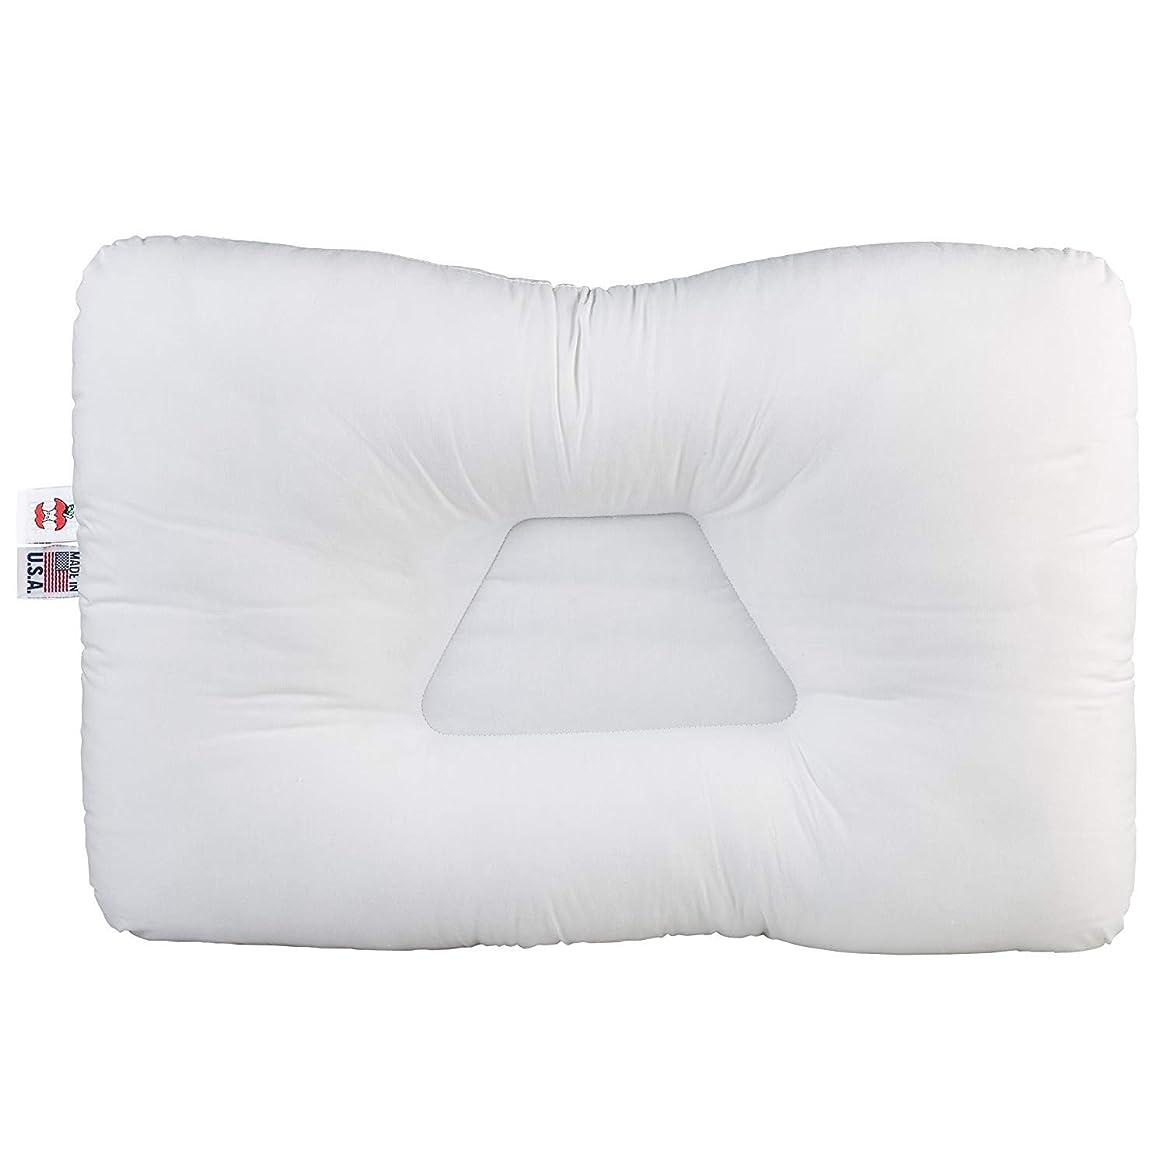 組立最も早いお客様CoreProducts コアプロダクト トライコア ベッドピロー 枕 Lサイズ 通常より硬め 【海外直送品】